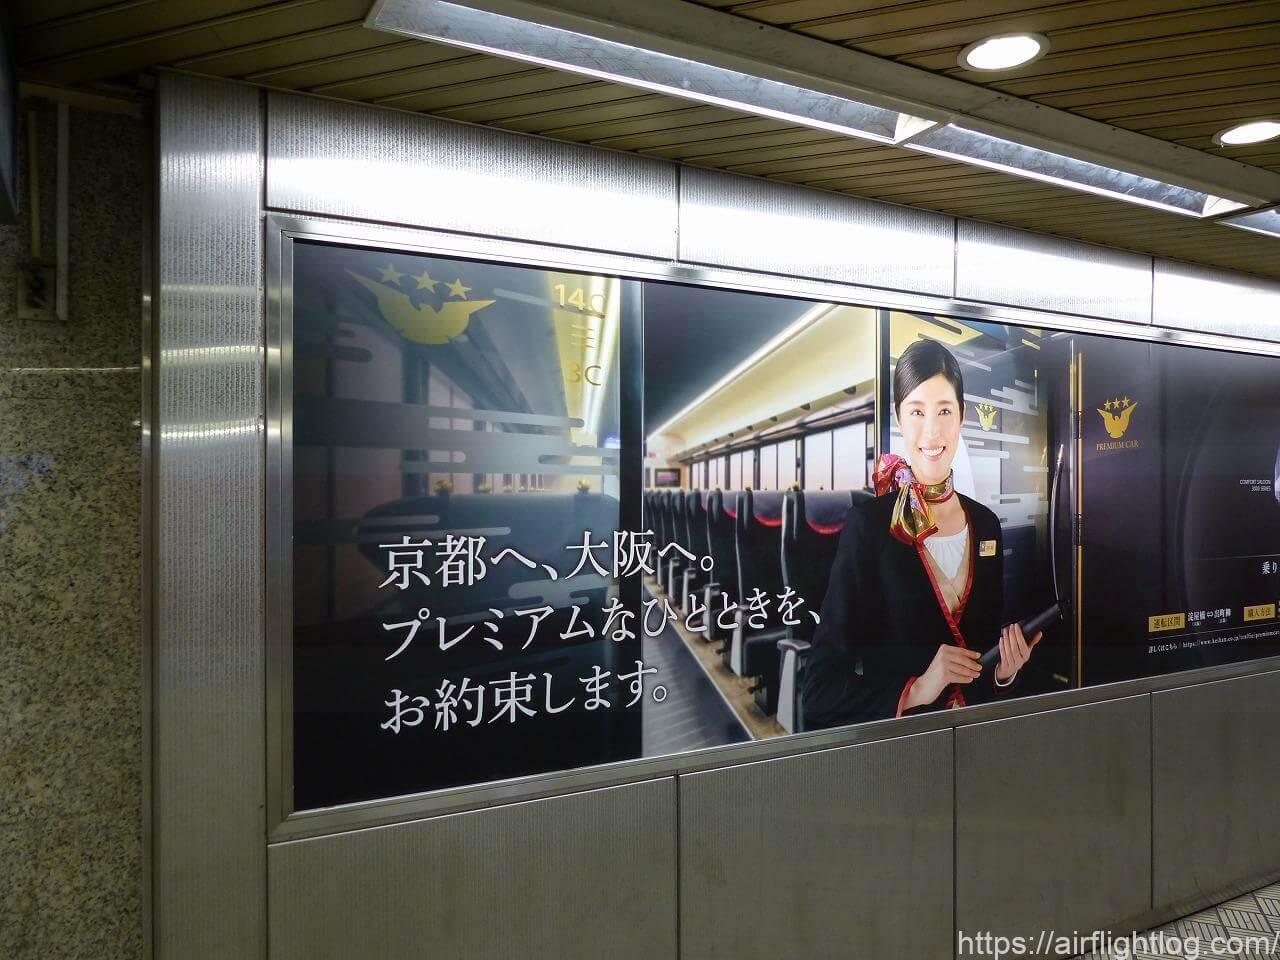 京阪プレミアムカー広告